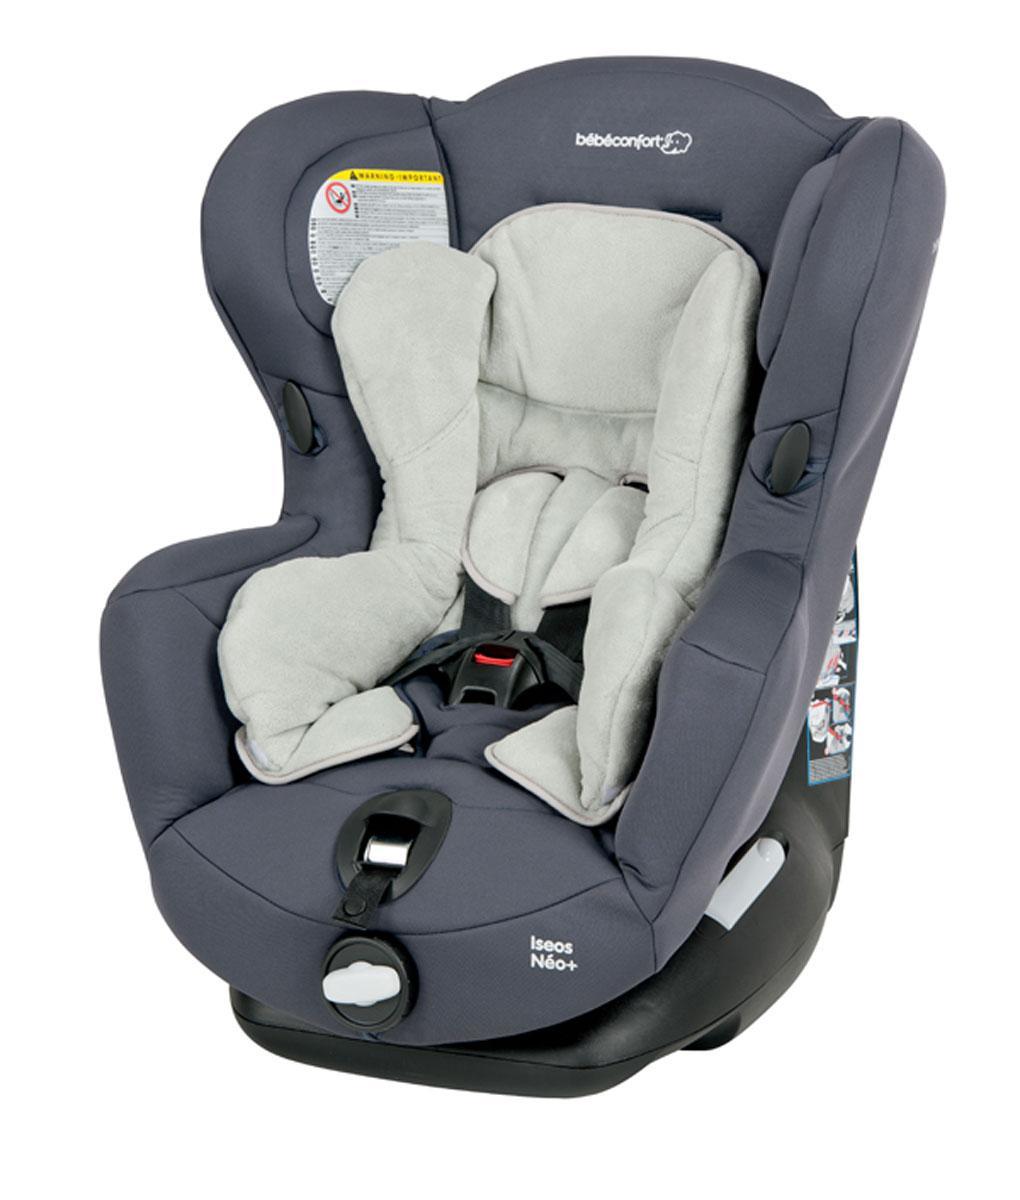 Foto silla de coche bebe confort iseos neocon soft grey foto 709181 - Sillas de coche bebe confort ...